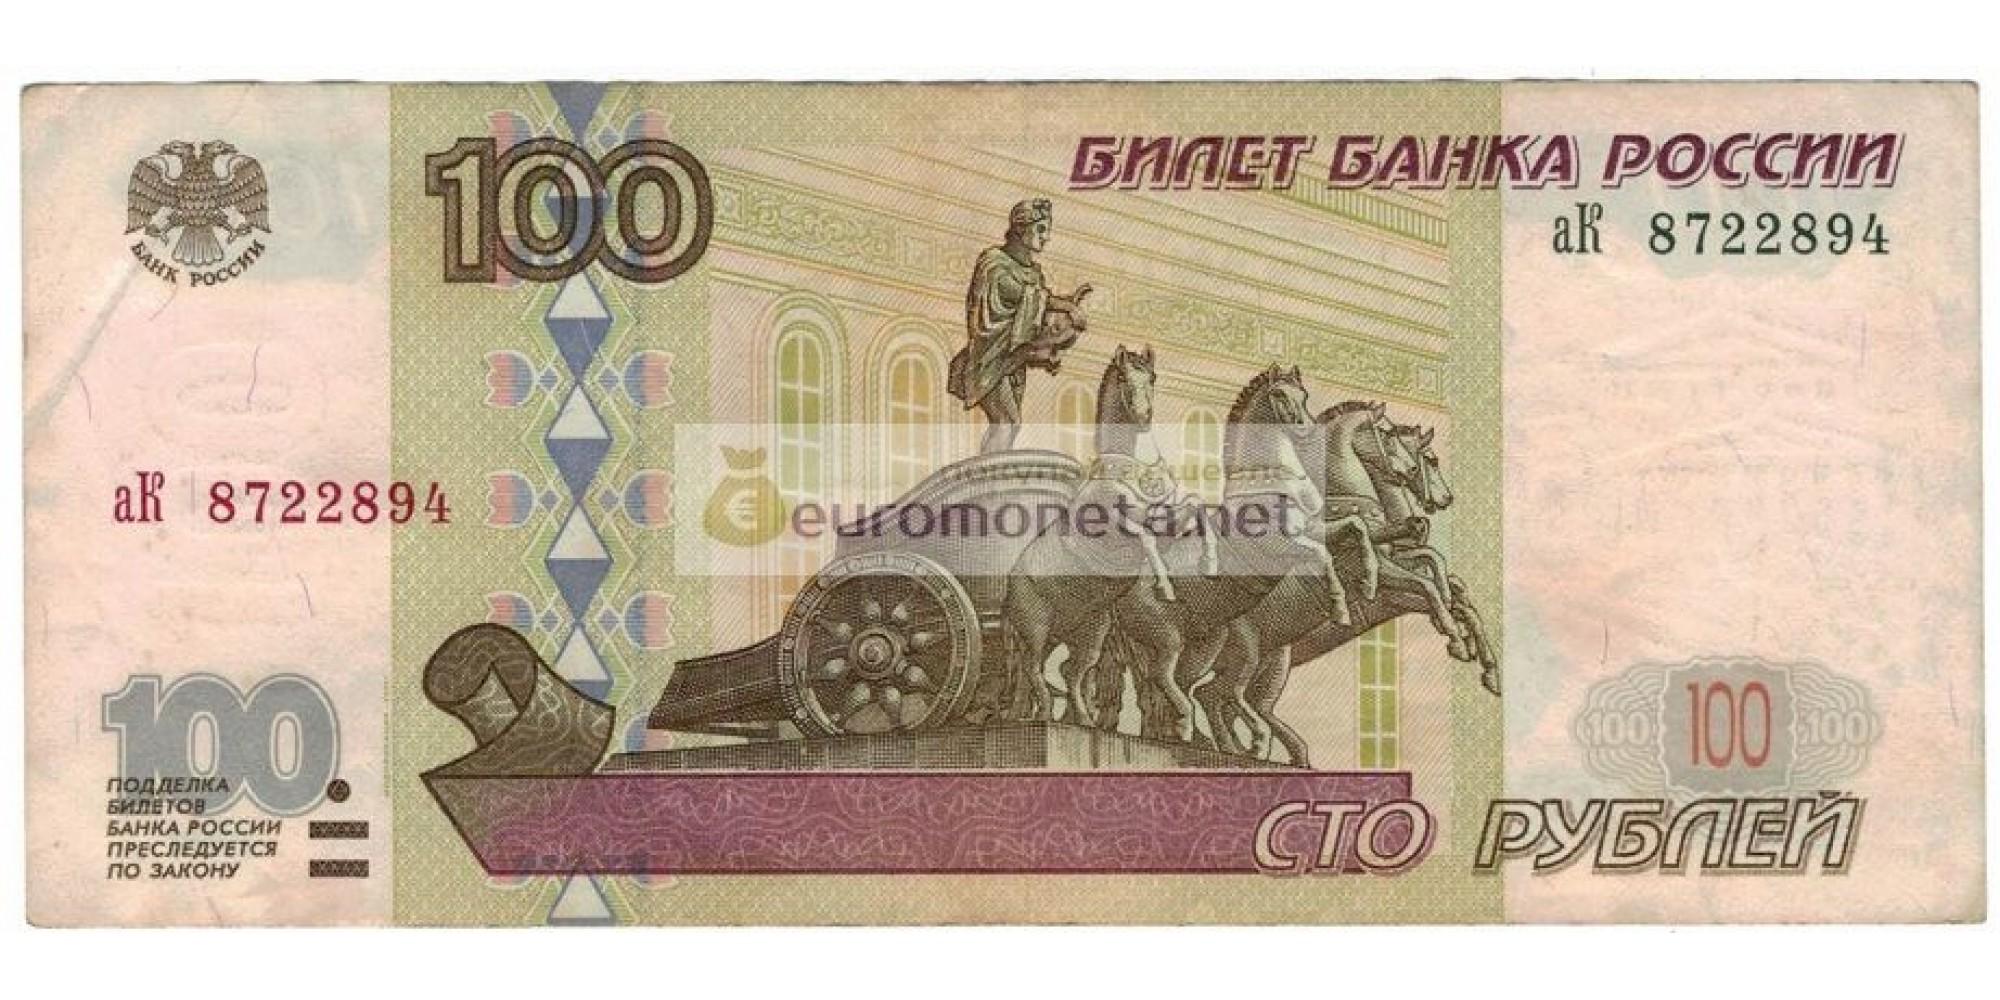 Россия 100 рублей 1997 год модификация 2001 год серия аК 8722894